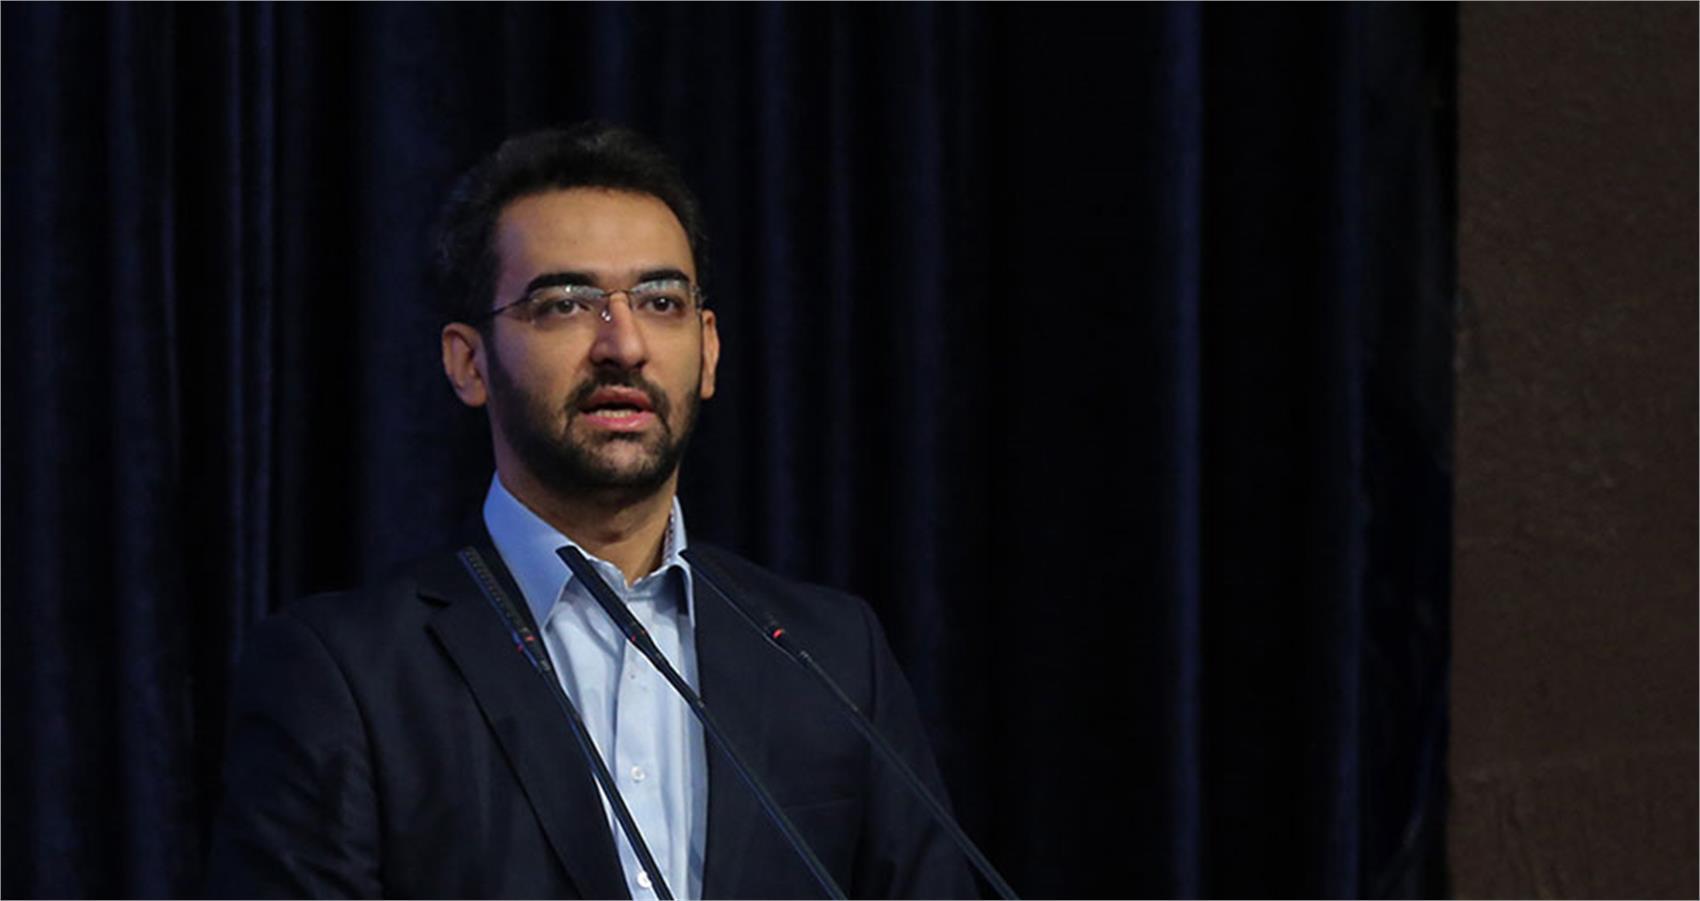 توصیه یک جوان به آذری جهرمی و تشکر وزیر از پیشنهادش +فیلم